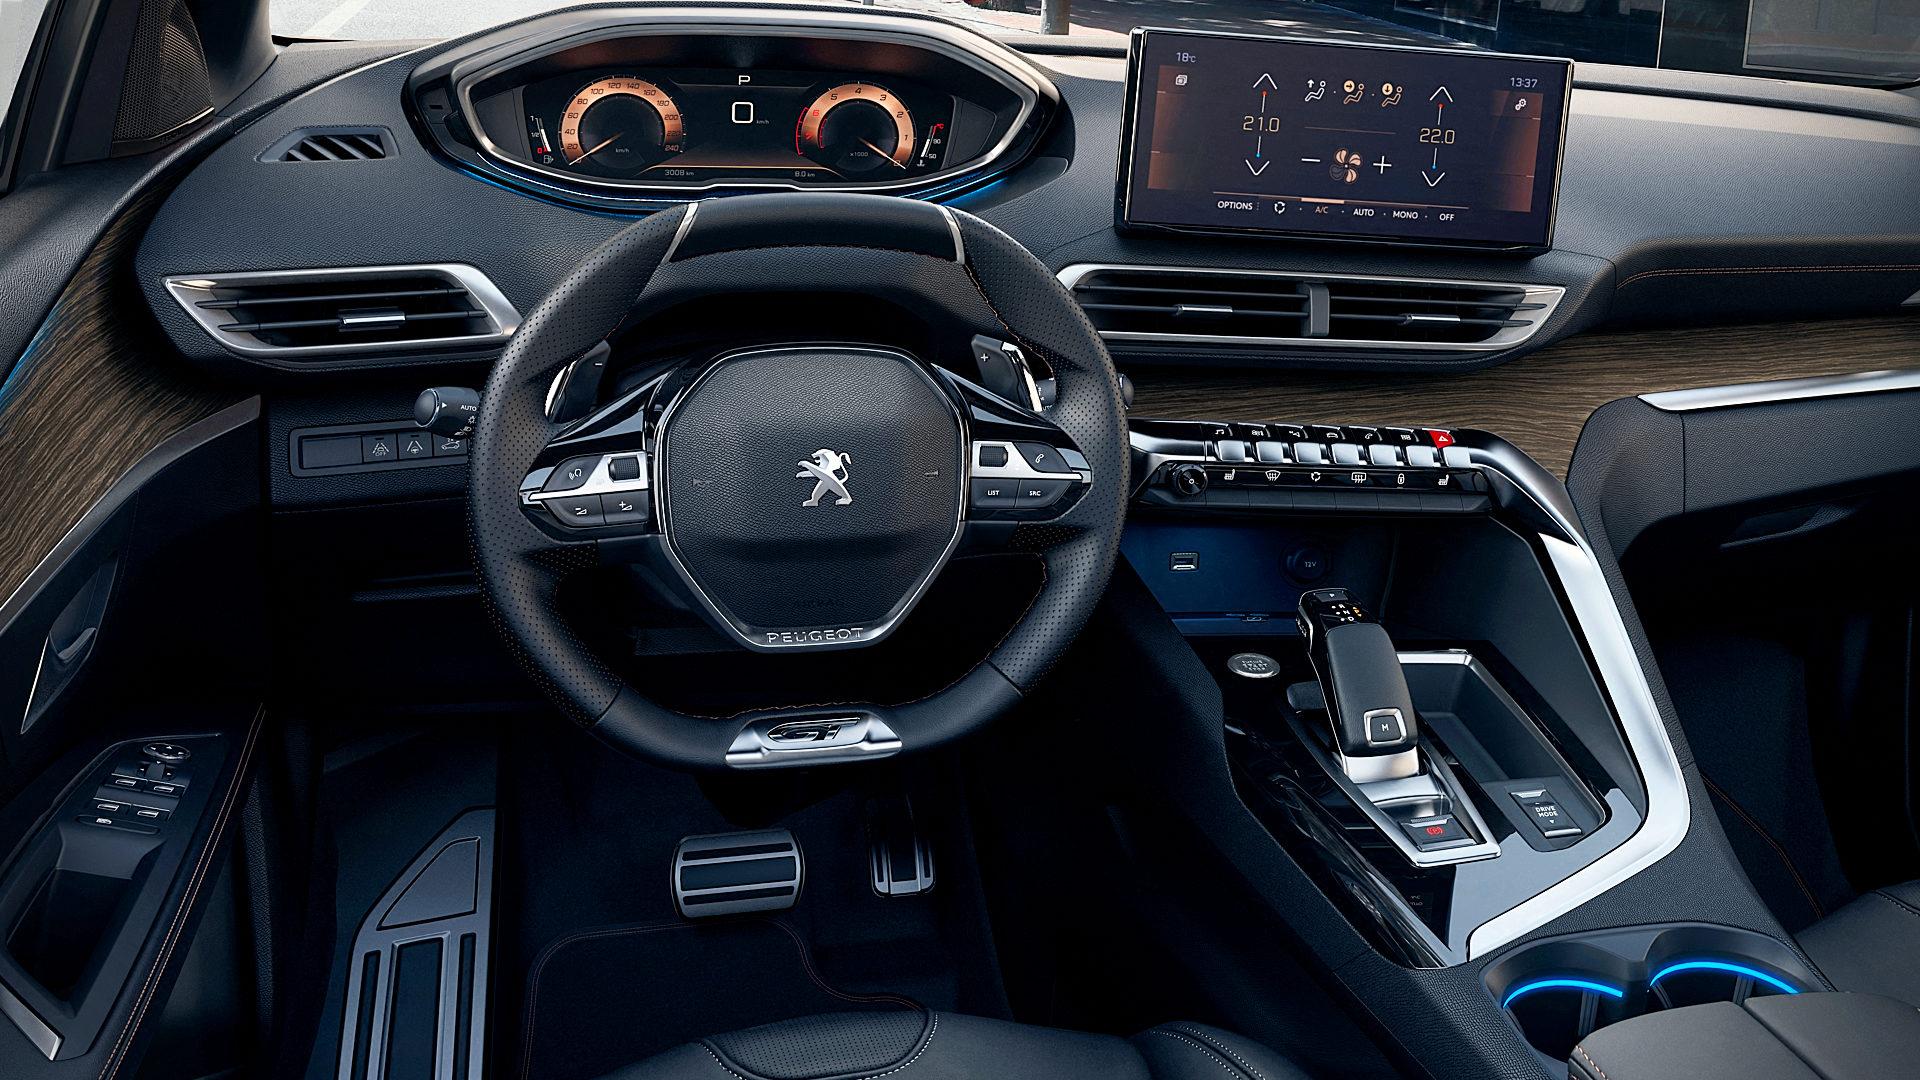 2021 Peugeot 5008 Interior